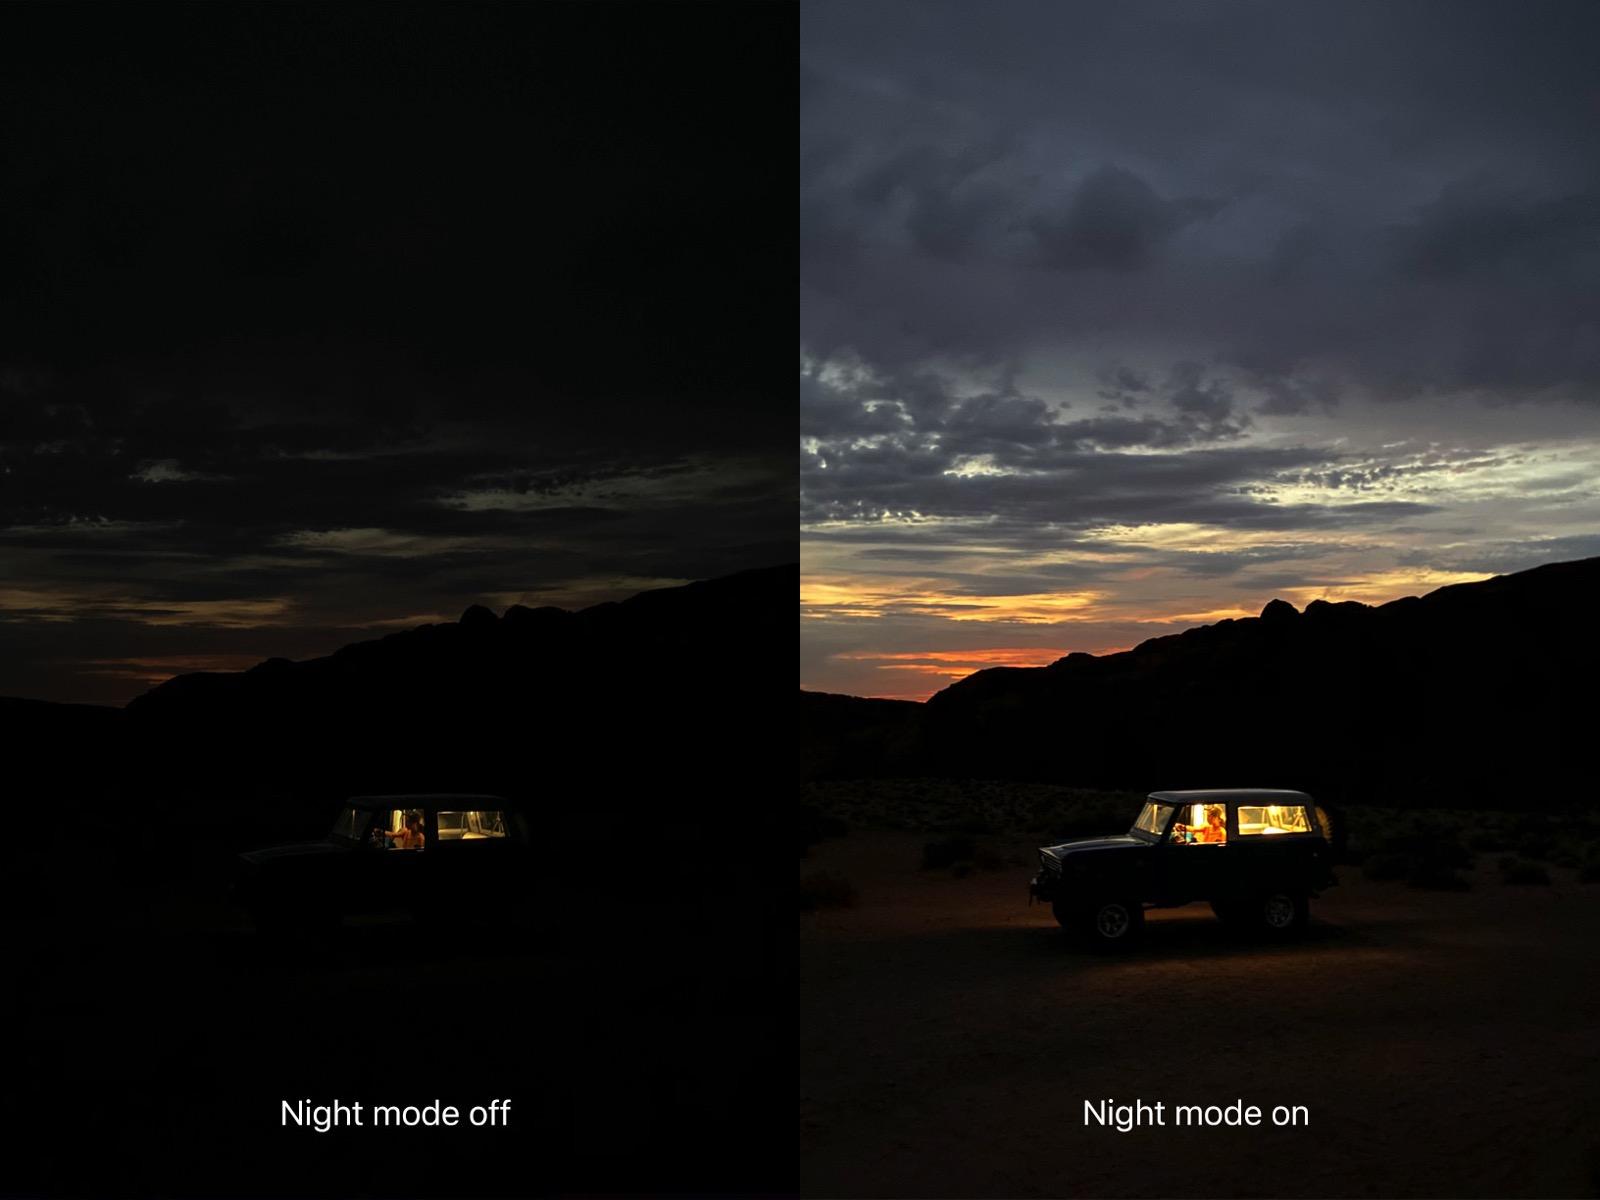 Apple_iPhone-11-Pro_Night-Mode_091019.jpg